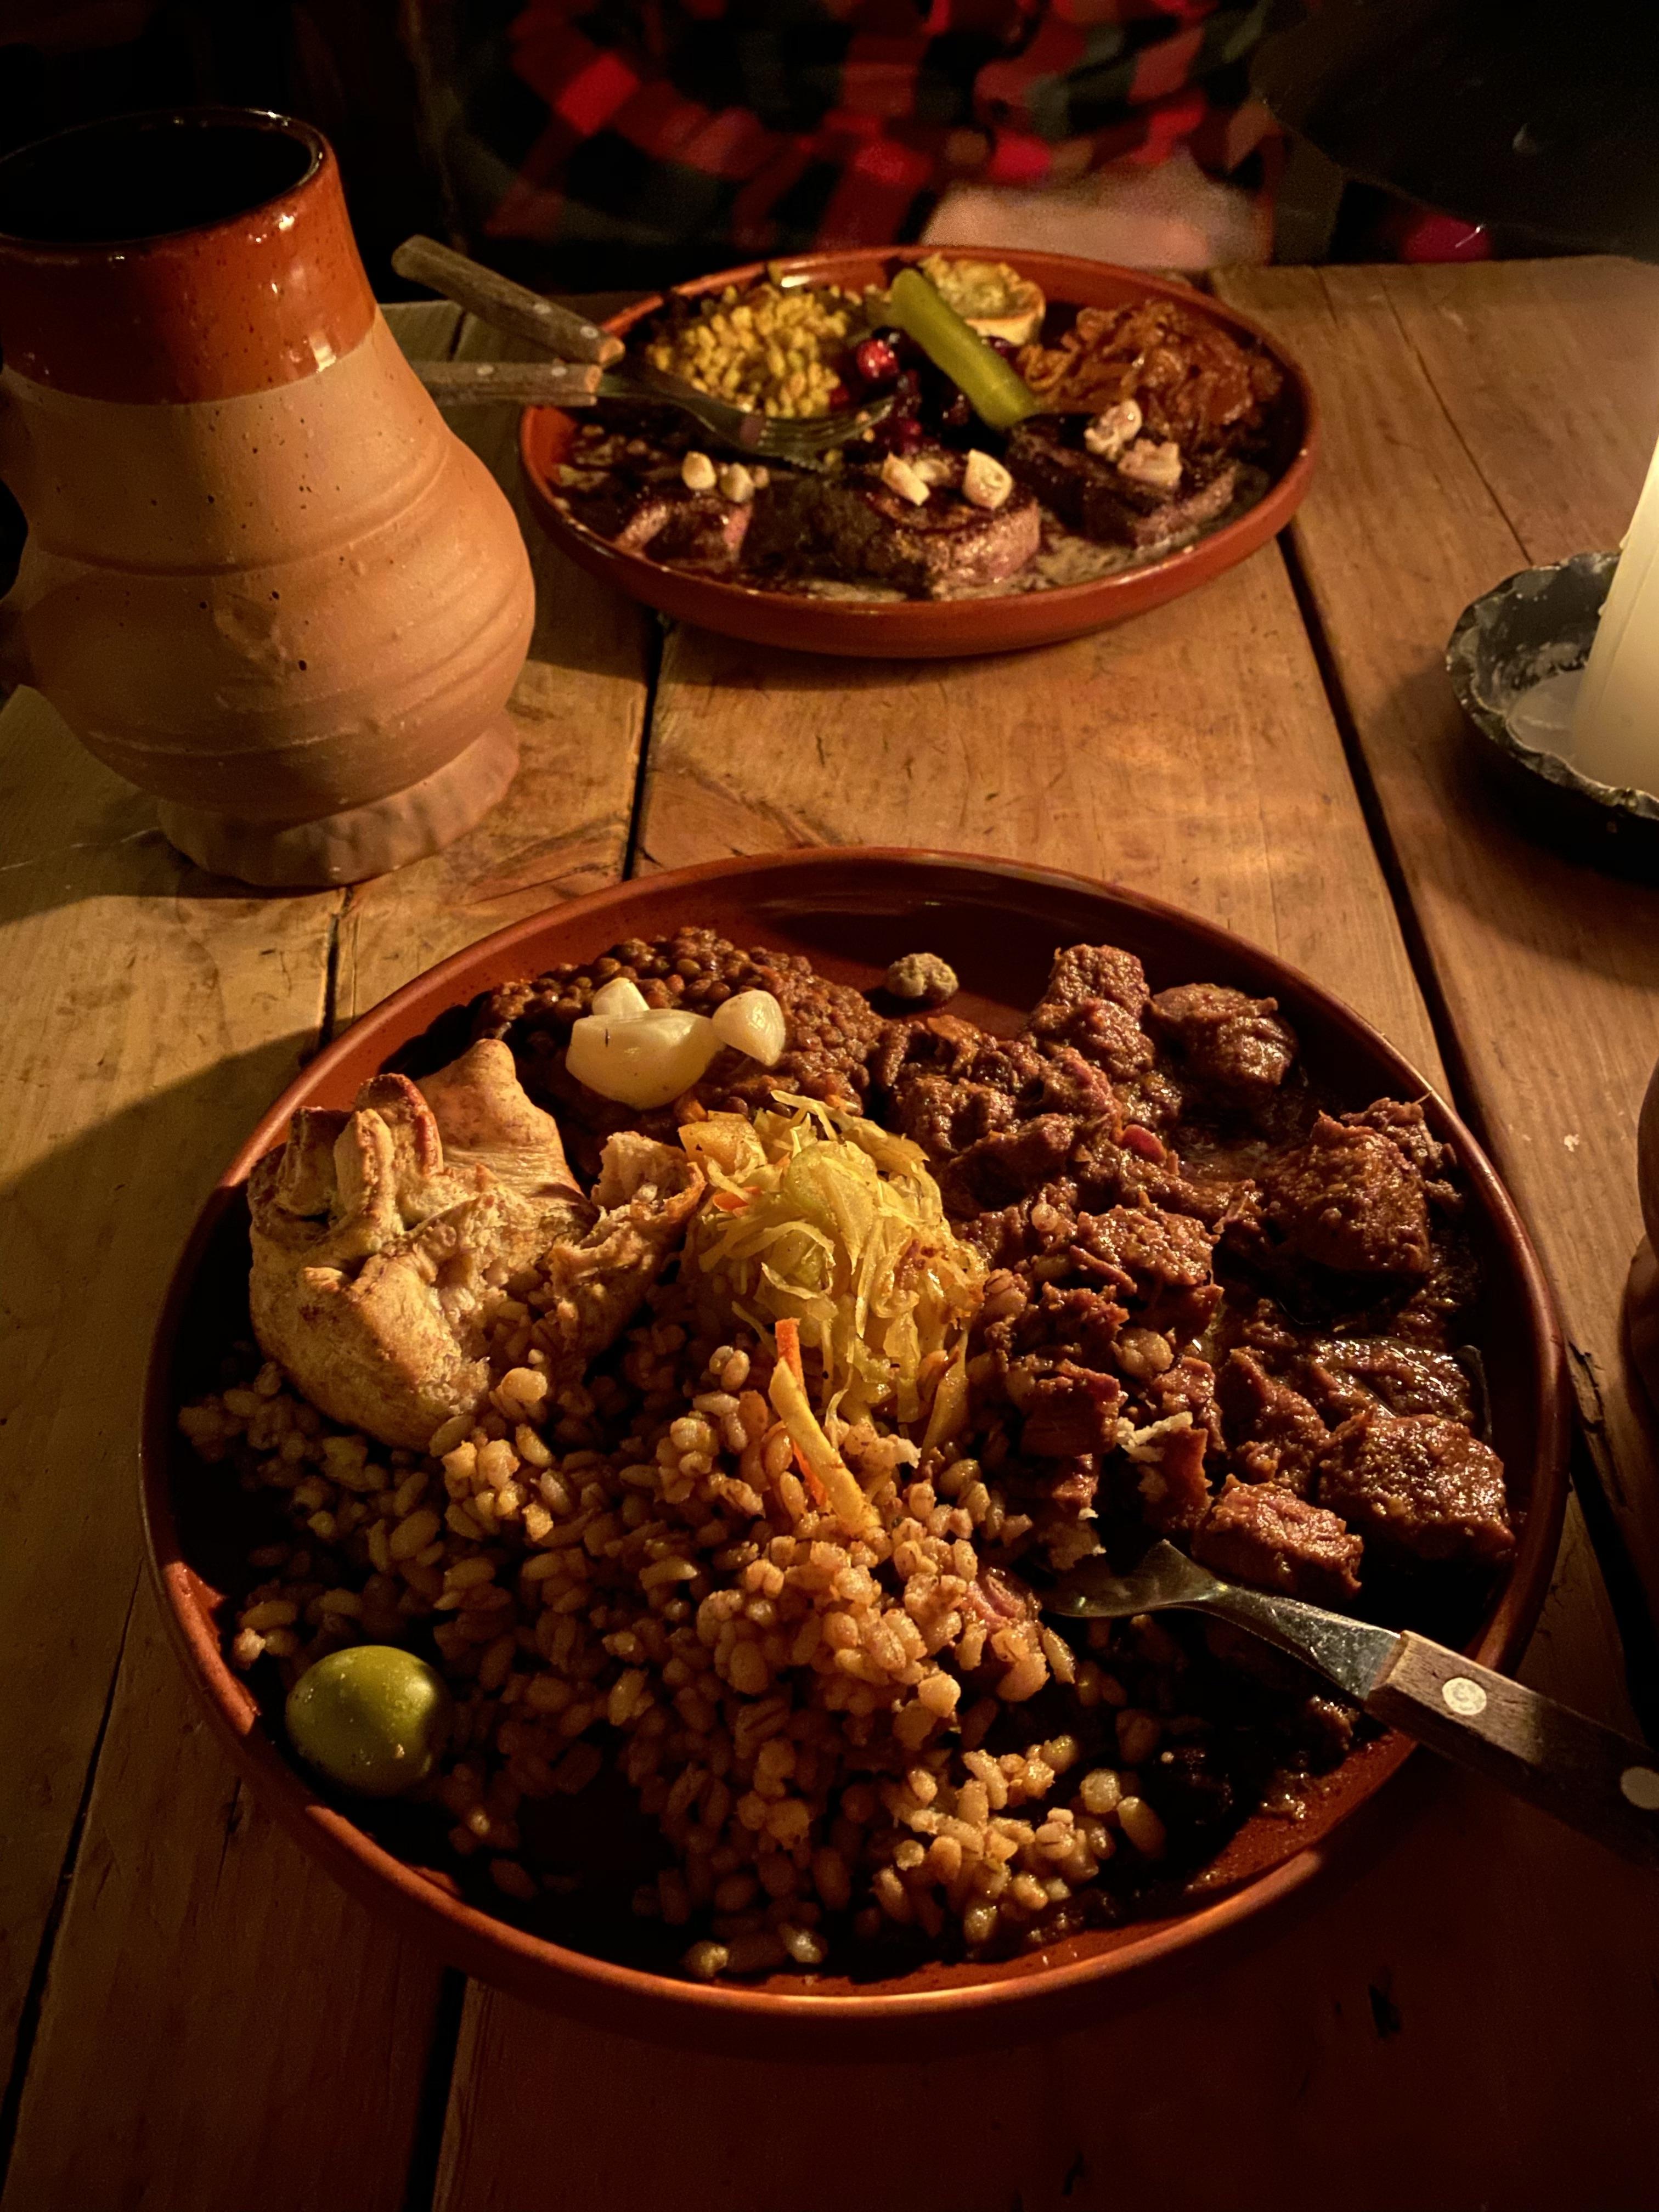 A plate of food at Olde Hansa medieval restaurant in Tallinn, Estonia.